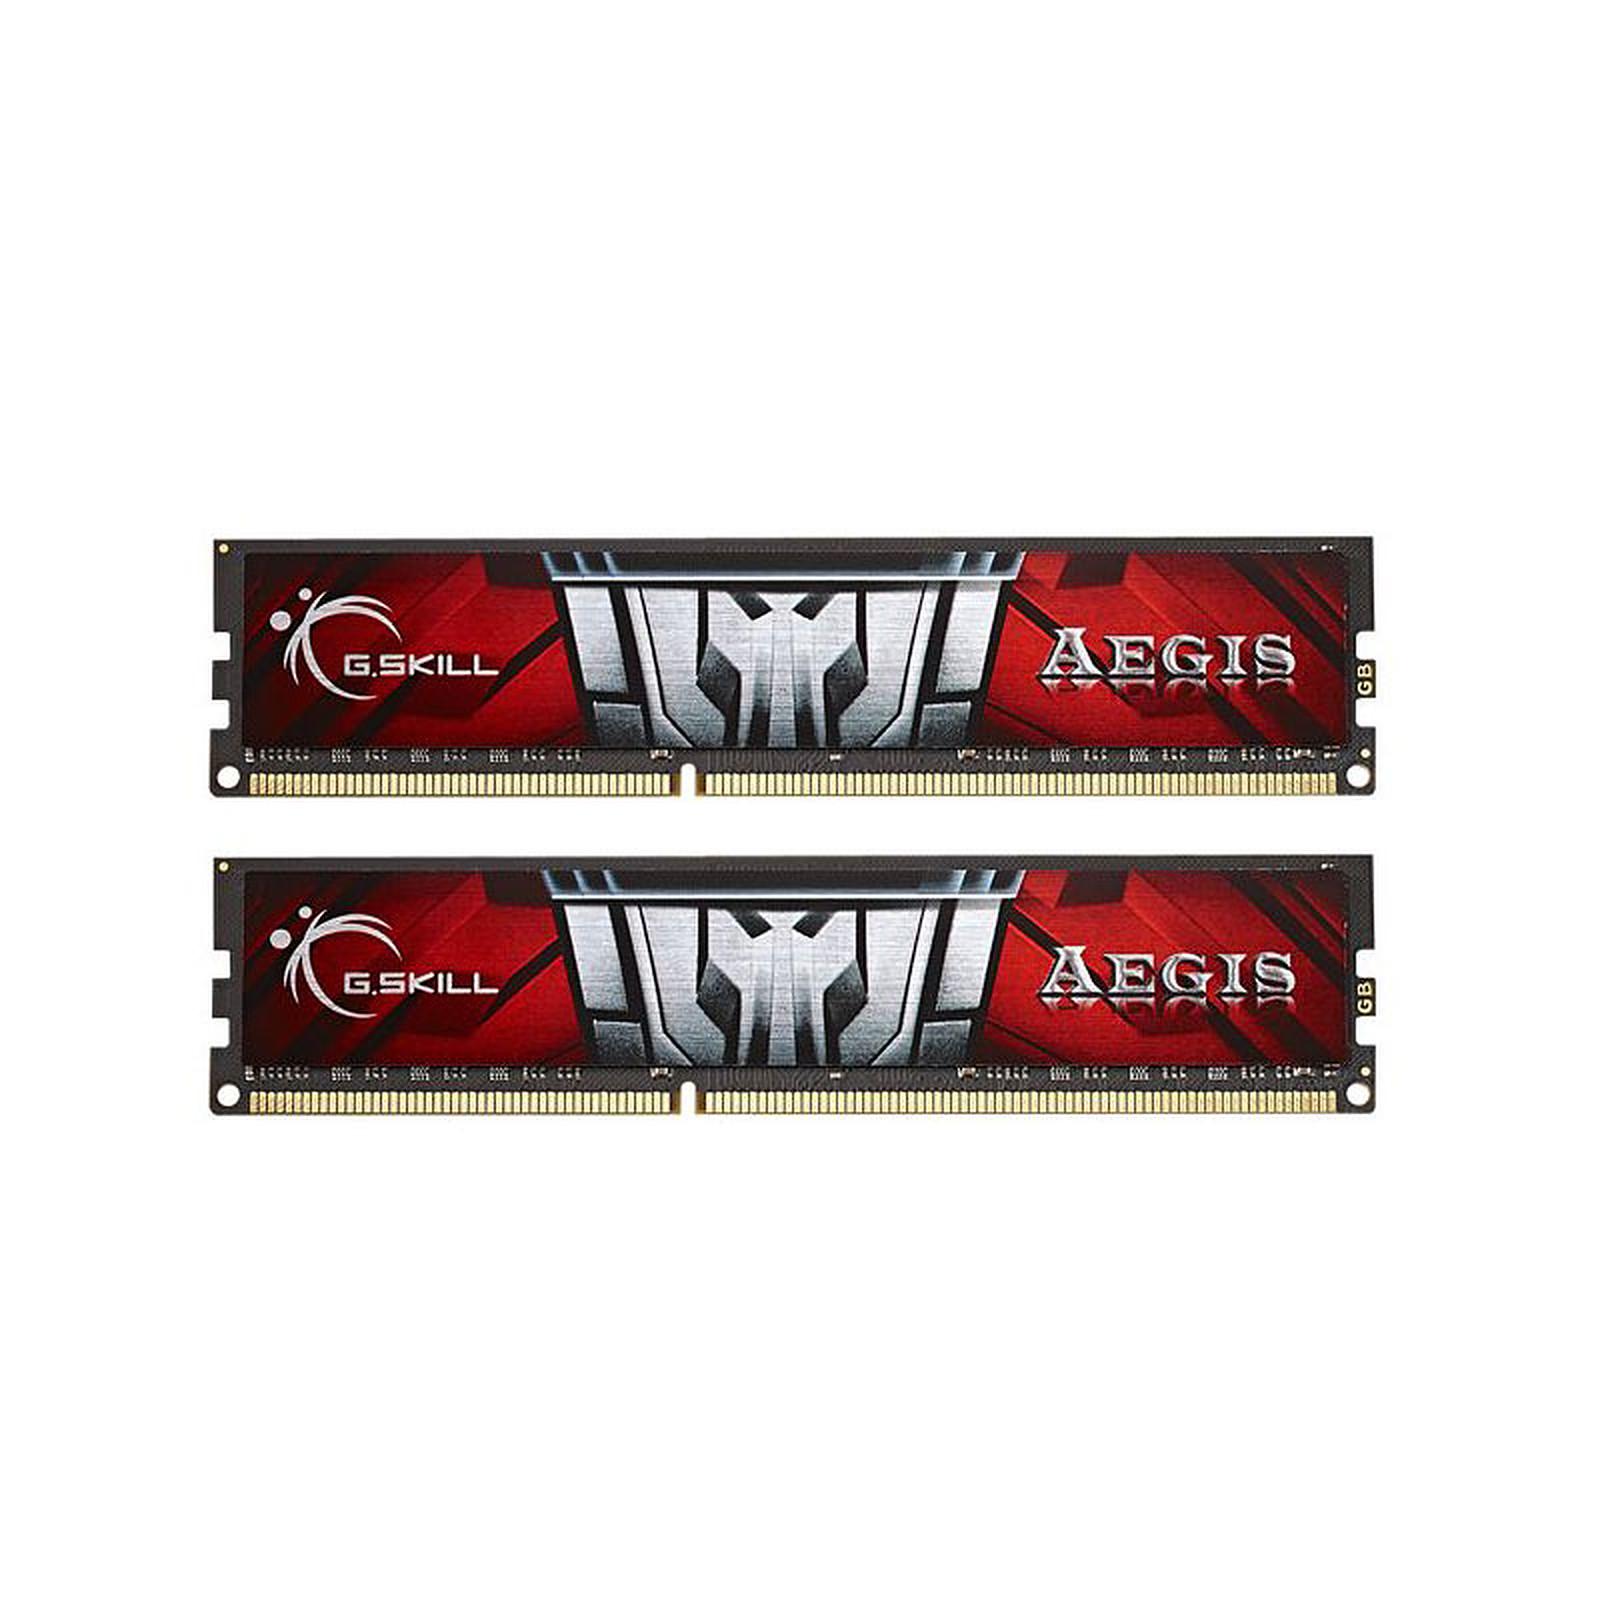 G.Skill Aegis Series 8 Go (2 x 4 Go) DDR3 1600 MHz CL11